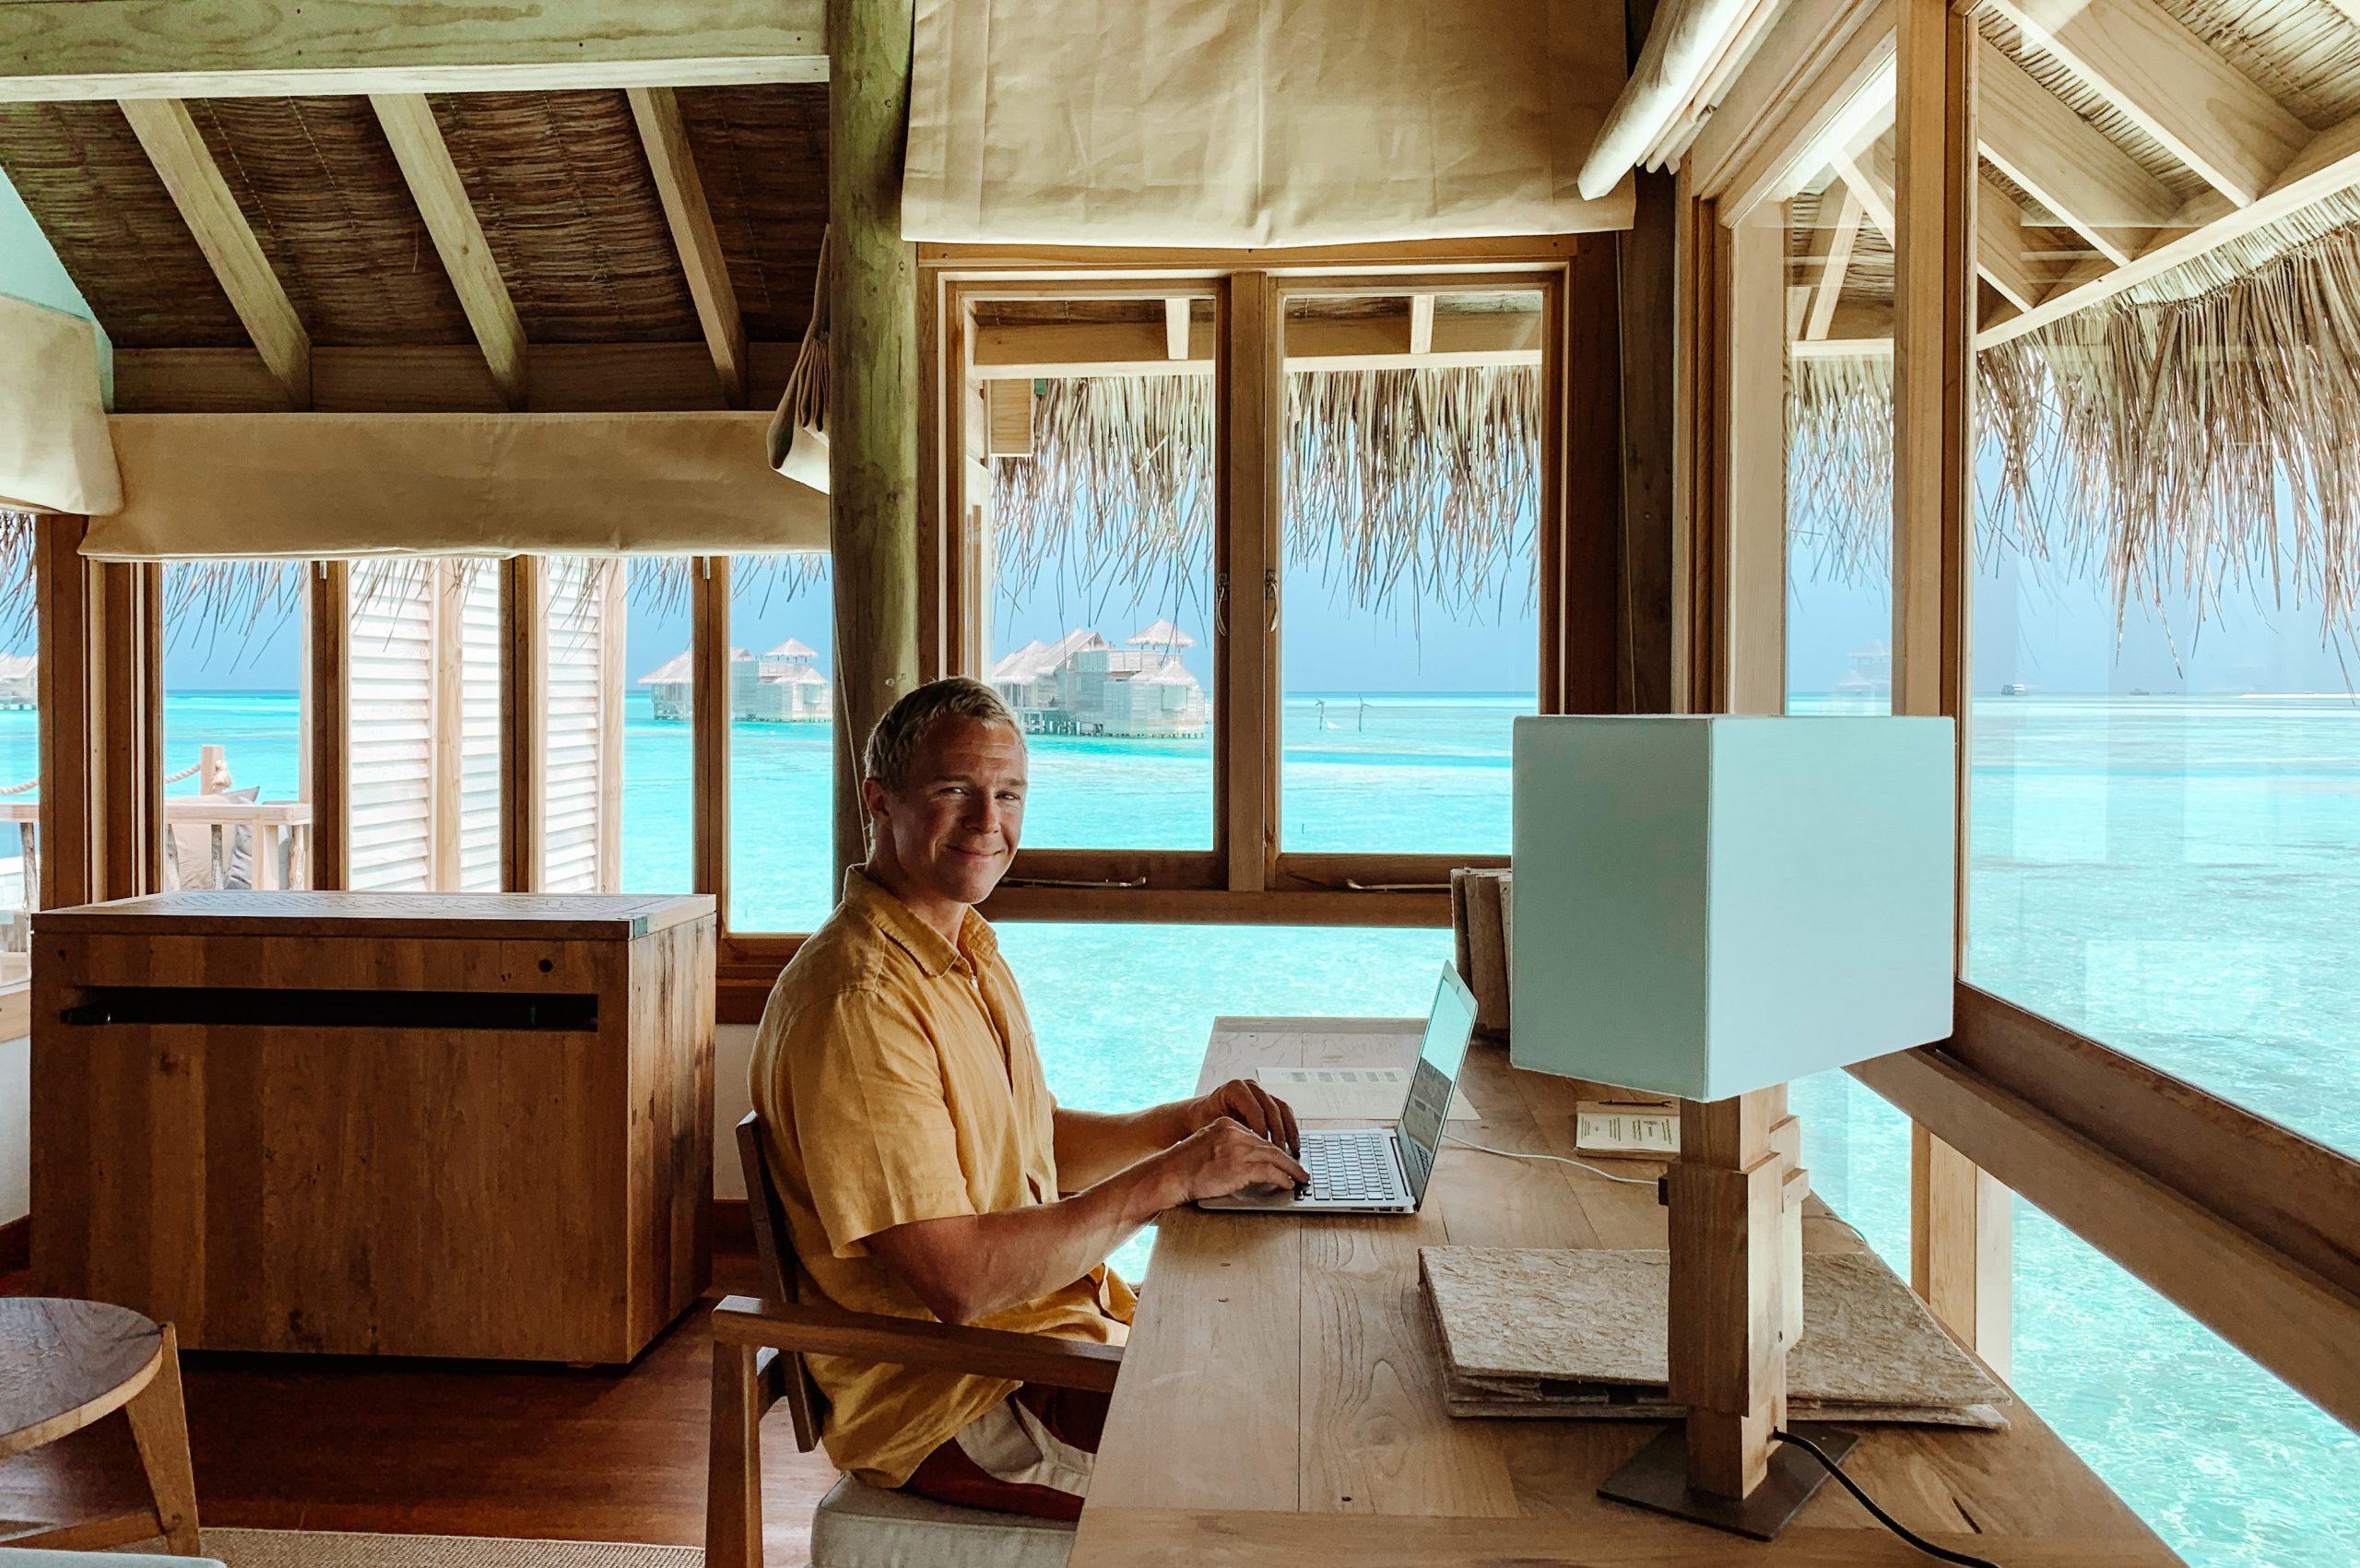 Rejsebureauejer Matti Saastamoinen Binderup på resortet Gili Lankanfushi på Maldiverne. Efter coronakrisen, når rejsemulighederne begynder at blive normaliseret, forventer han at arrangere særcharterflyvninger til øgruppen. Privatfoto.